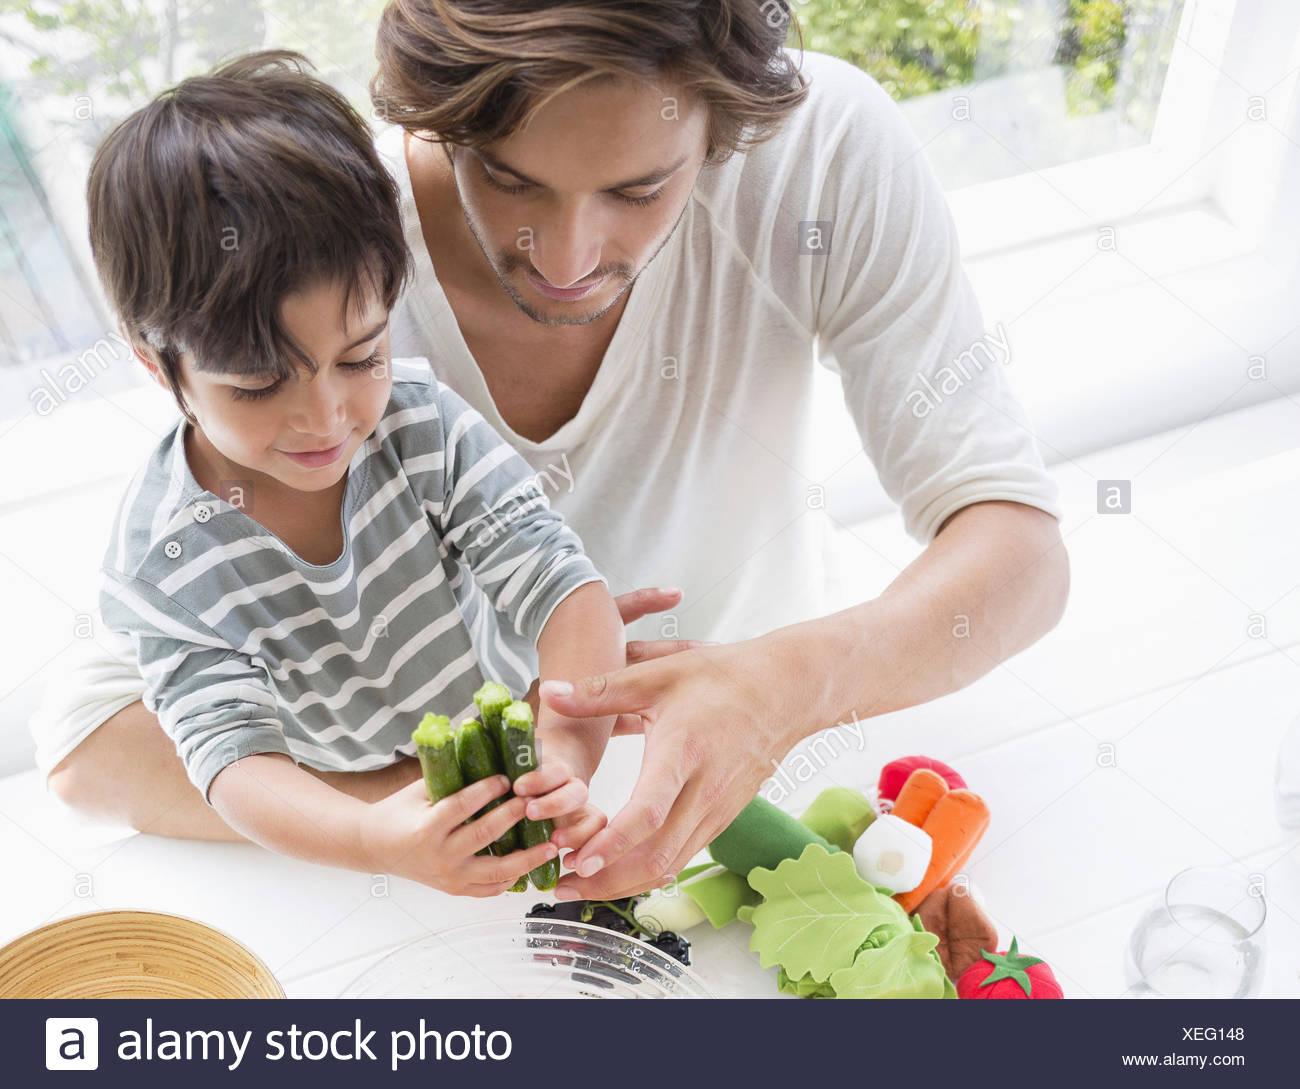 Feliz familia joven preparar verduras en casa Imagen De Stock